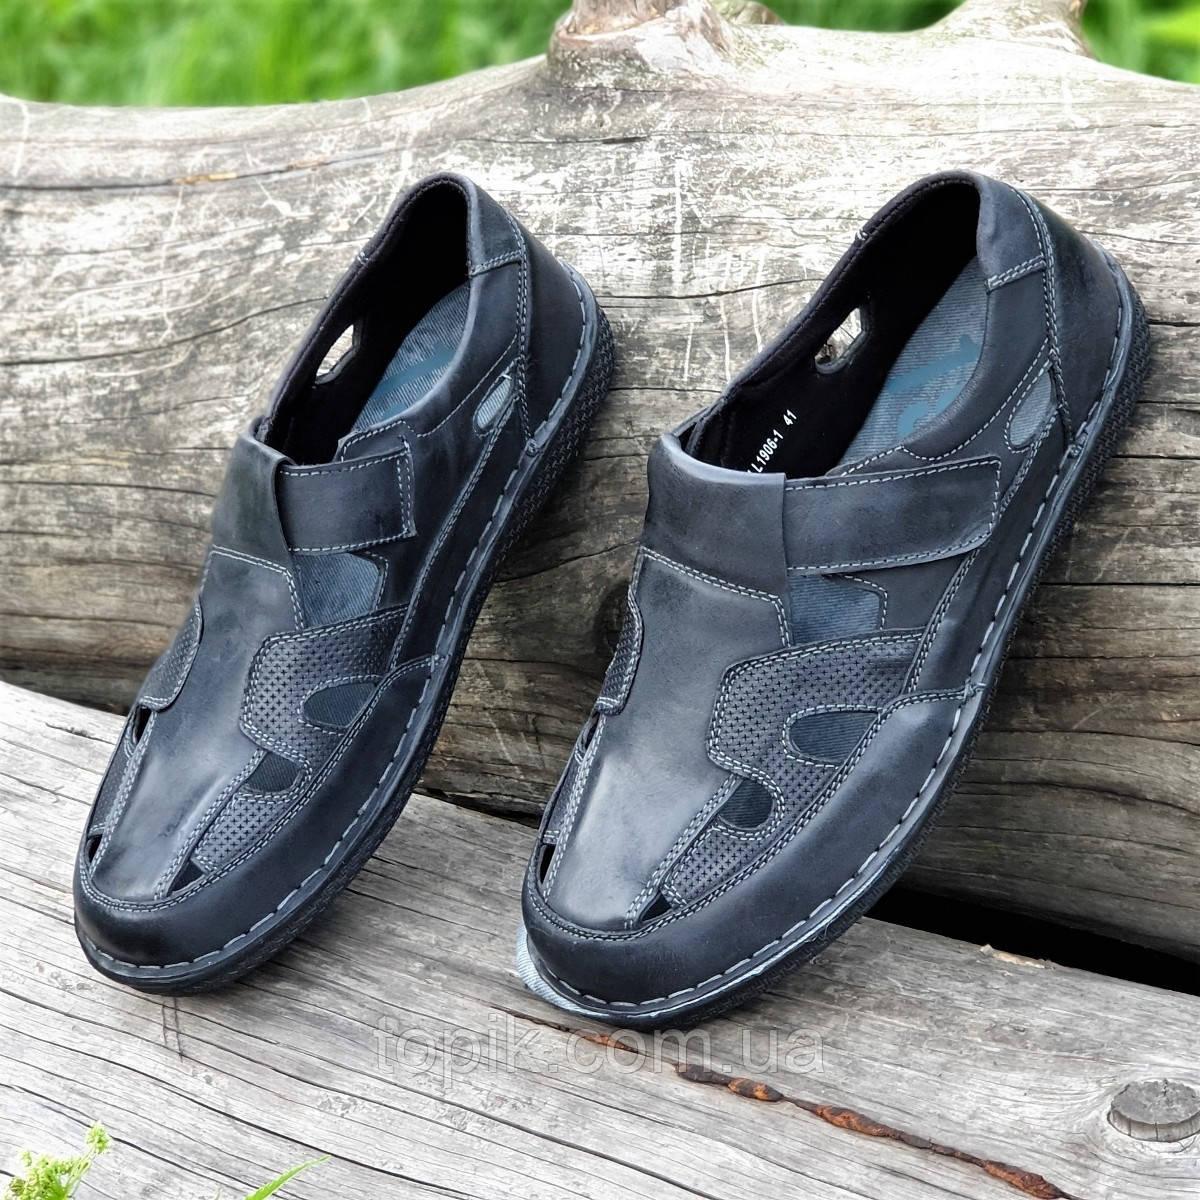 Туфли мужские летние открытые повседневные кожаные черные, сандалии (Код: 1497а)